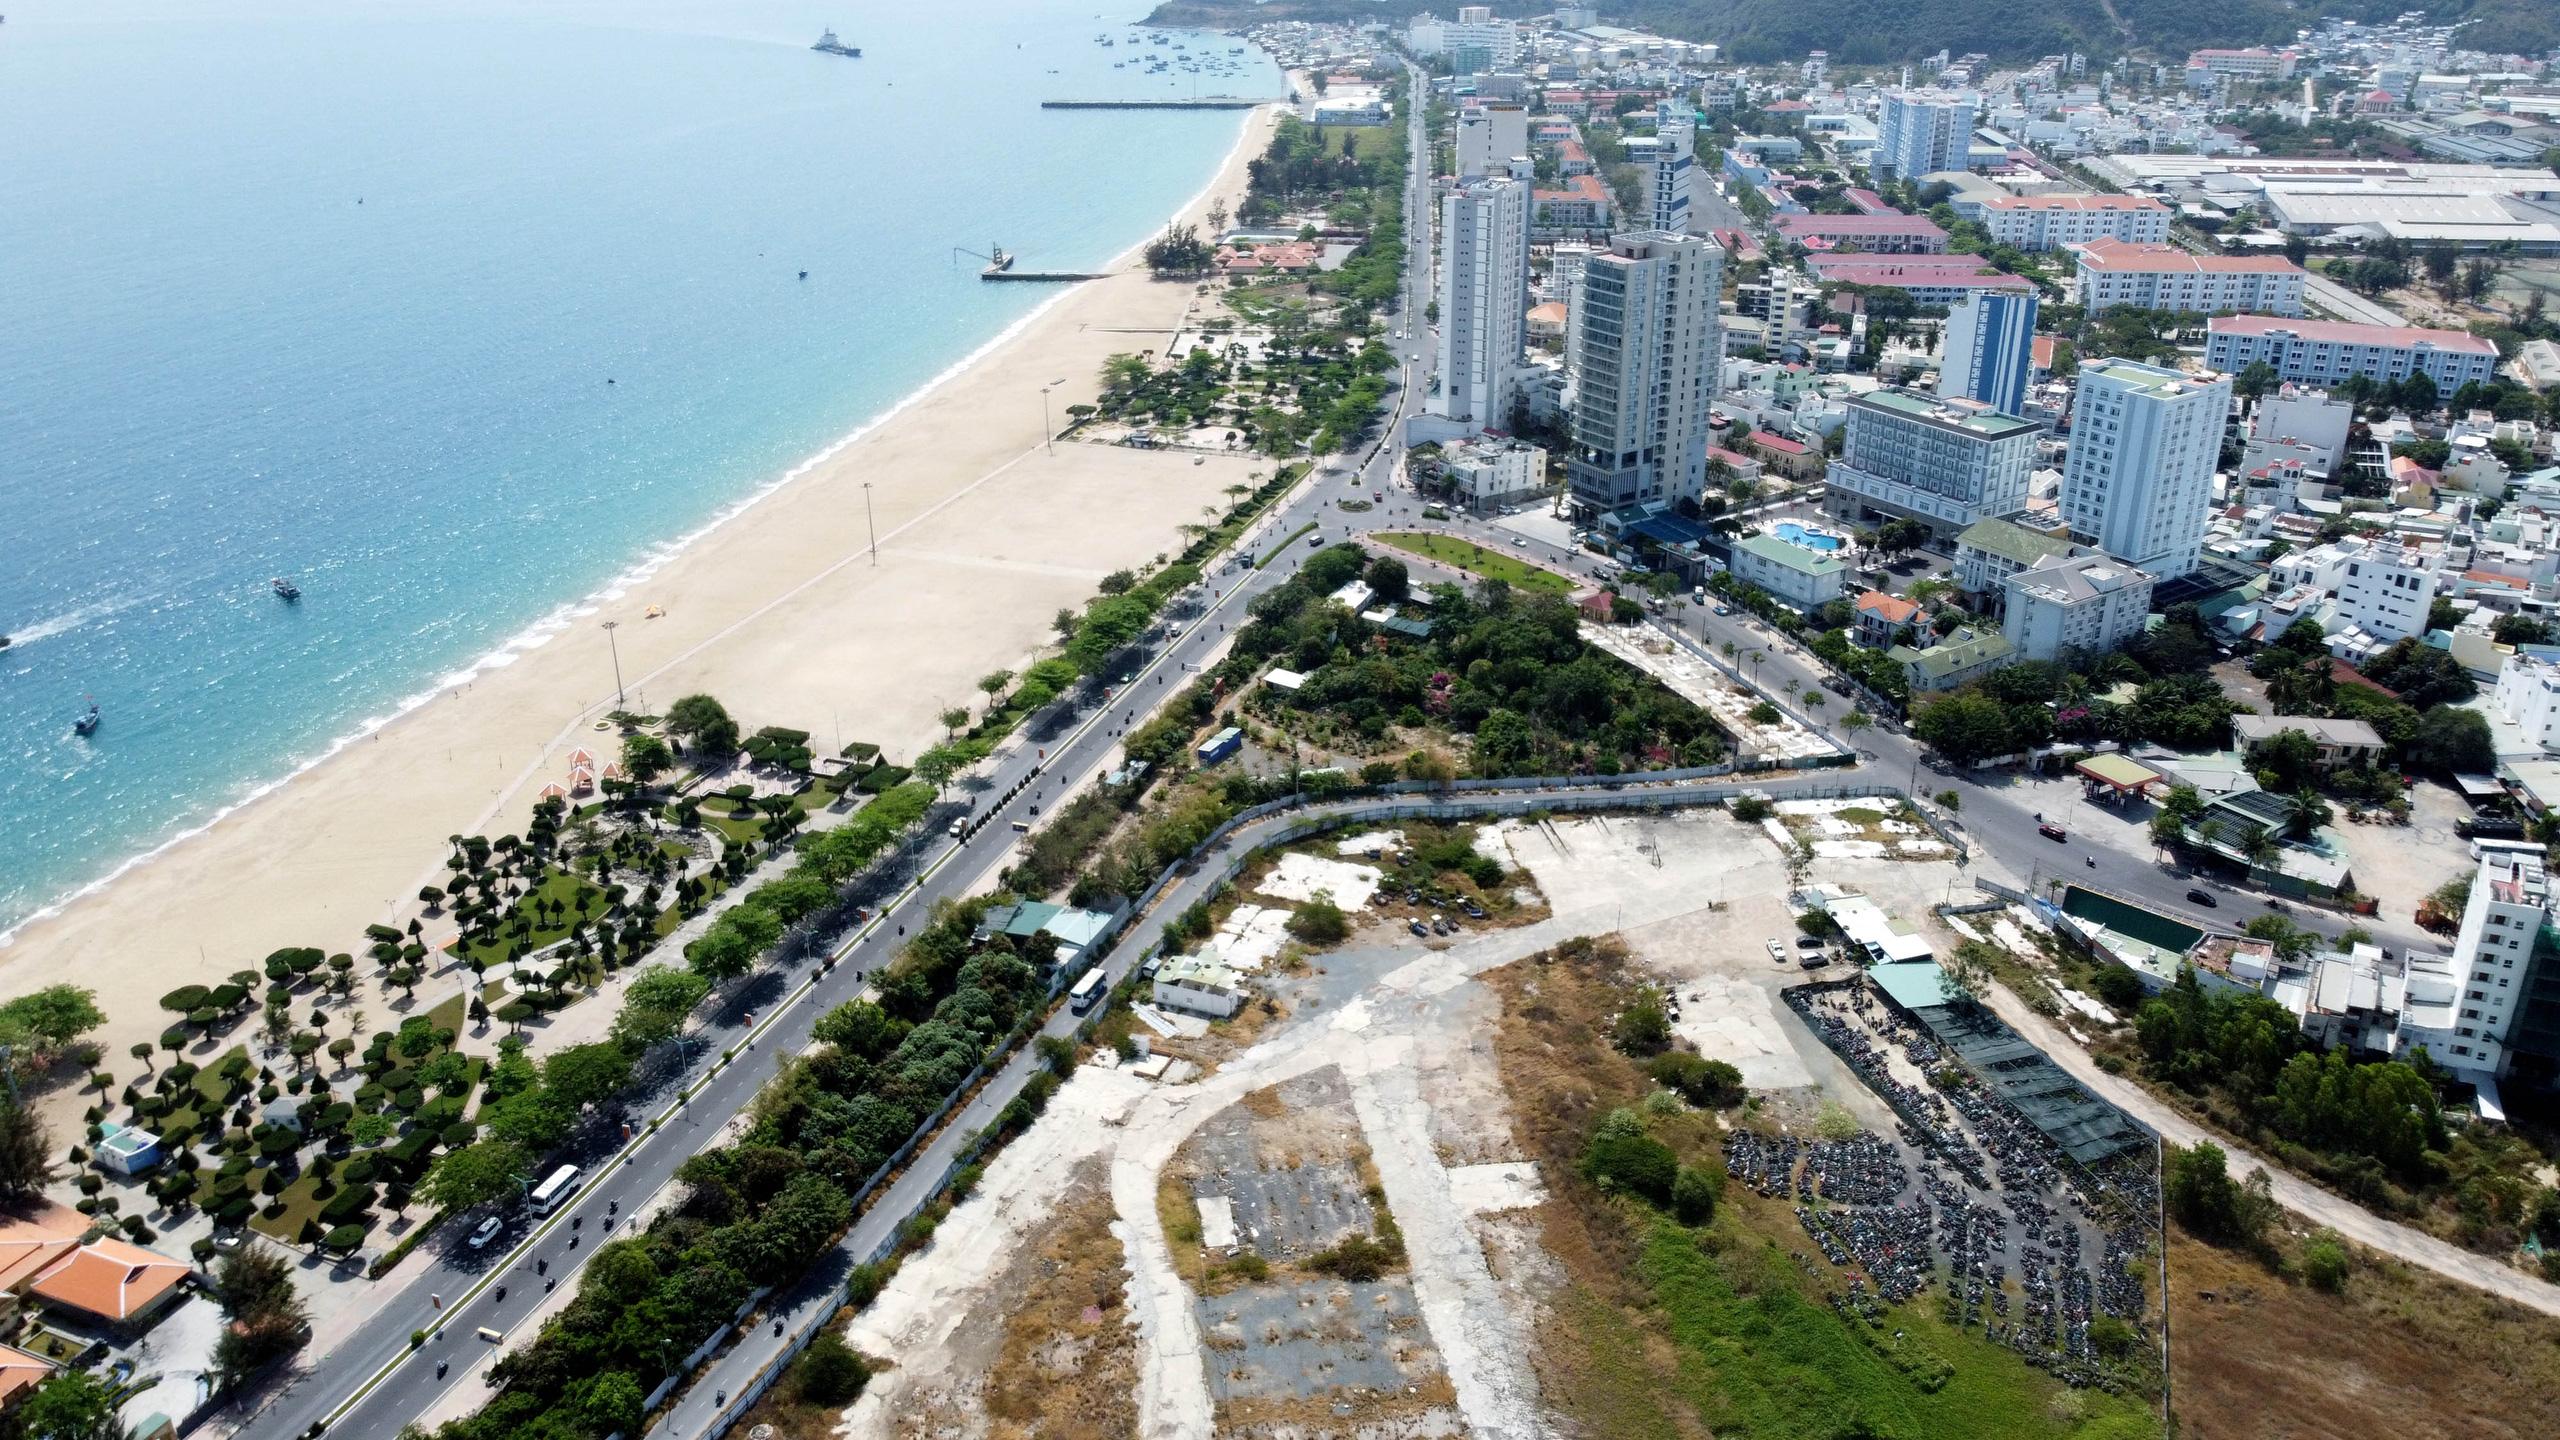 Cận cảnh khu đất sân bay Nha Trang cũ chuẩn bị đấu giá đất - Ảnh 12.